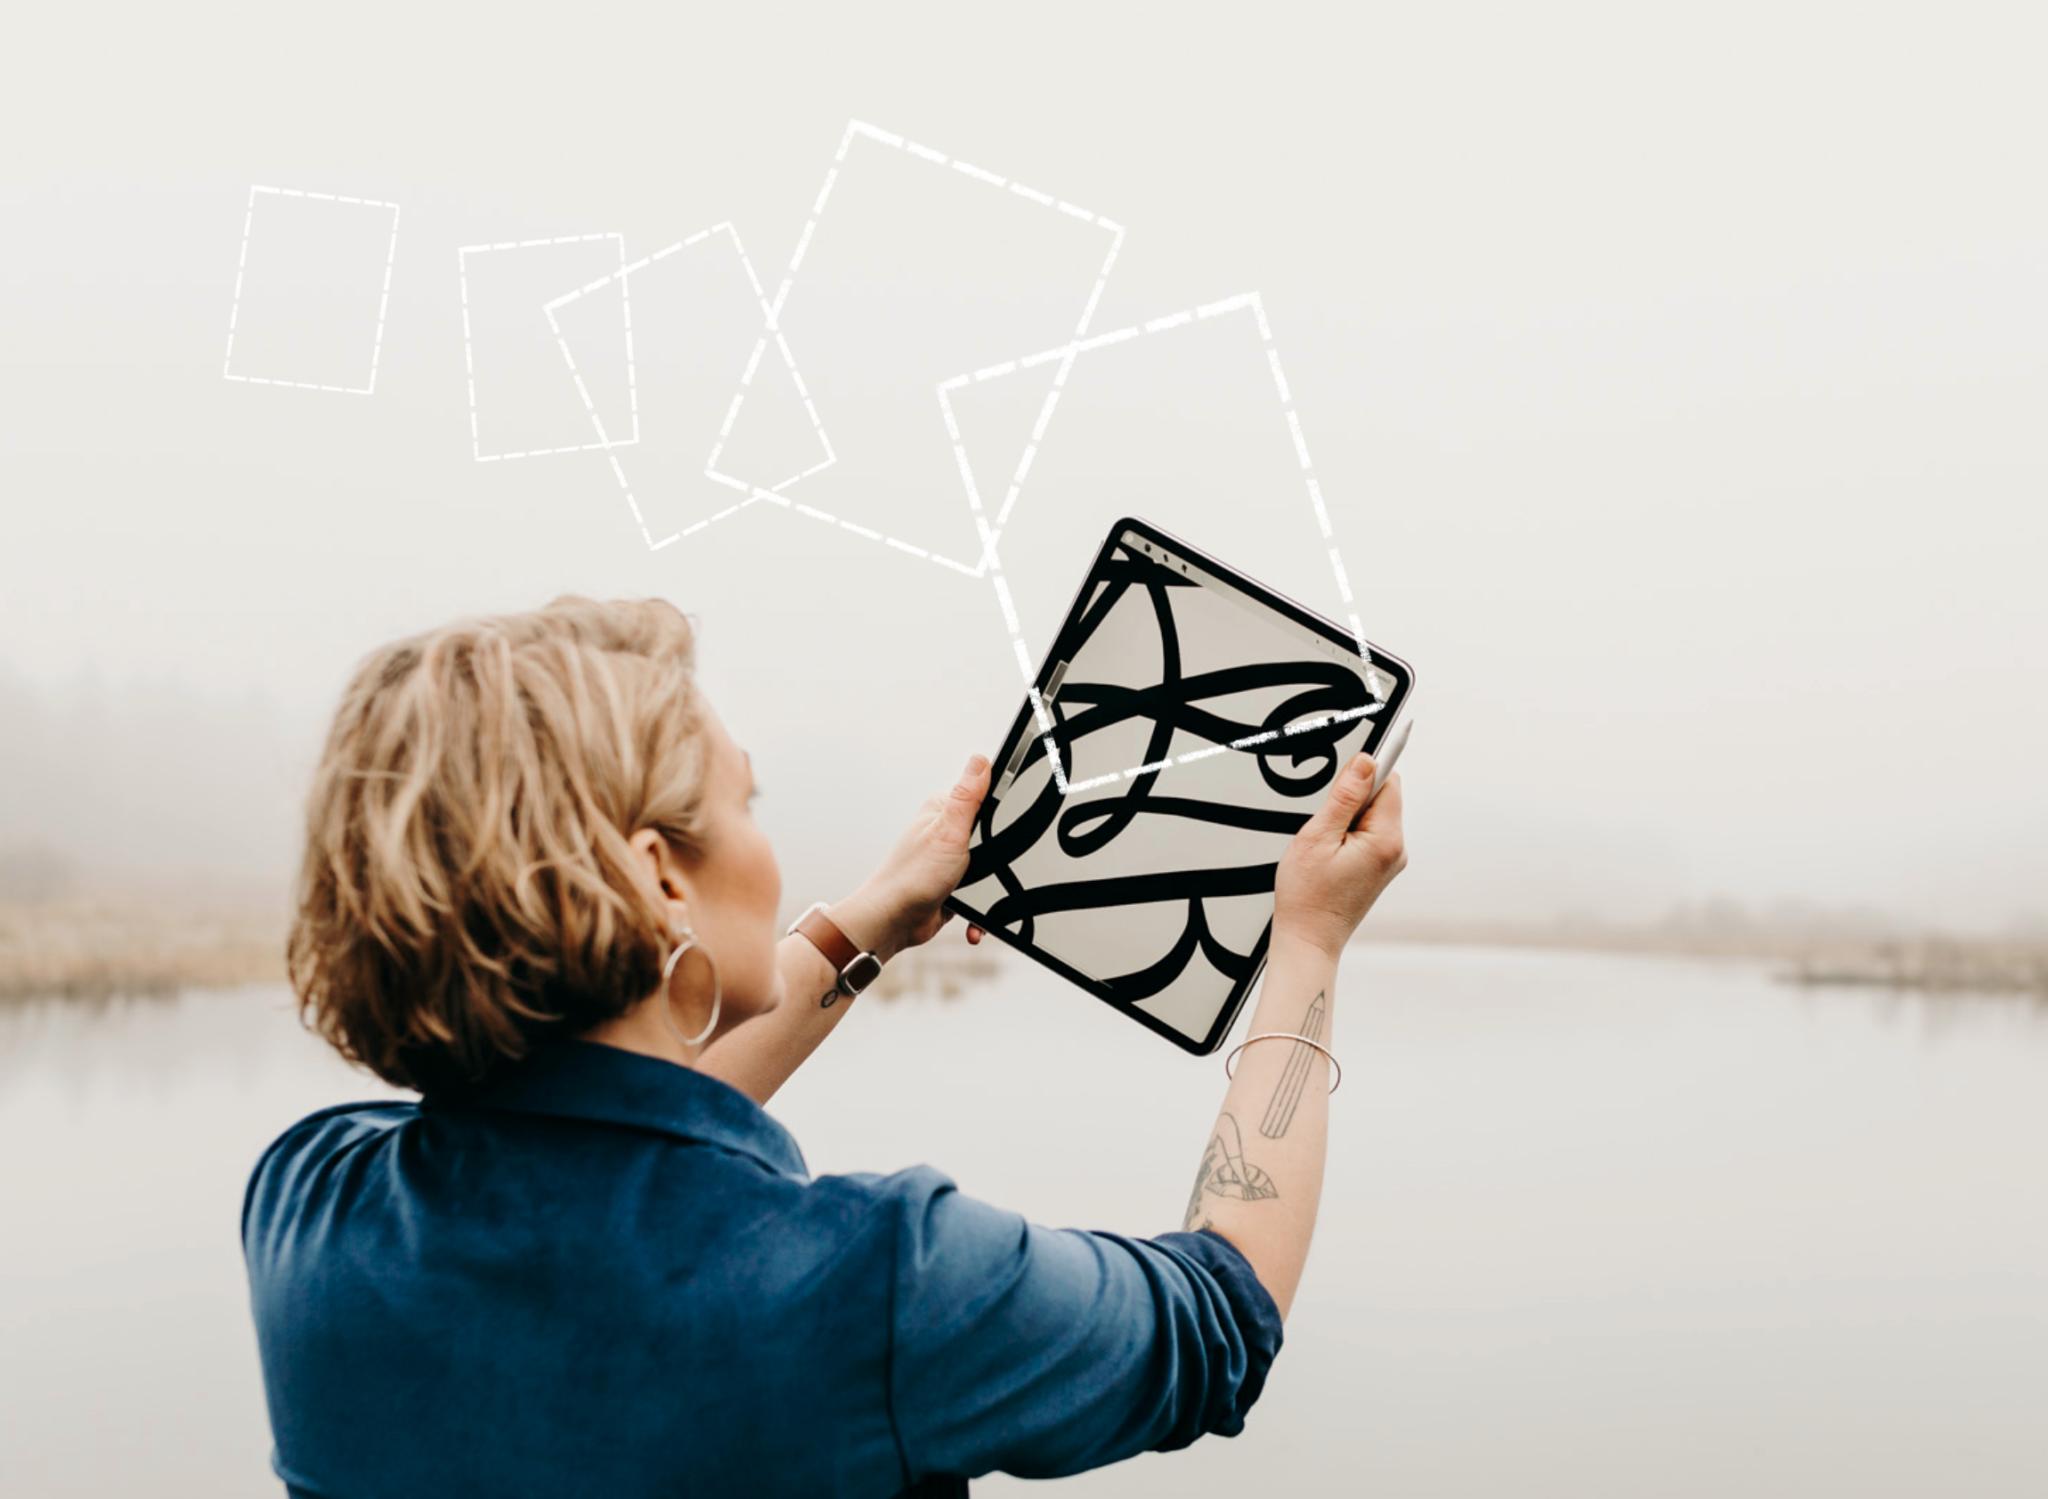 maja-på-näset-handledning-visuell-kommunikation